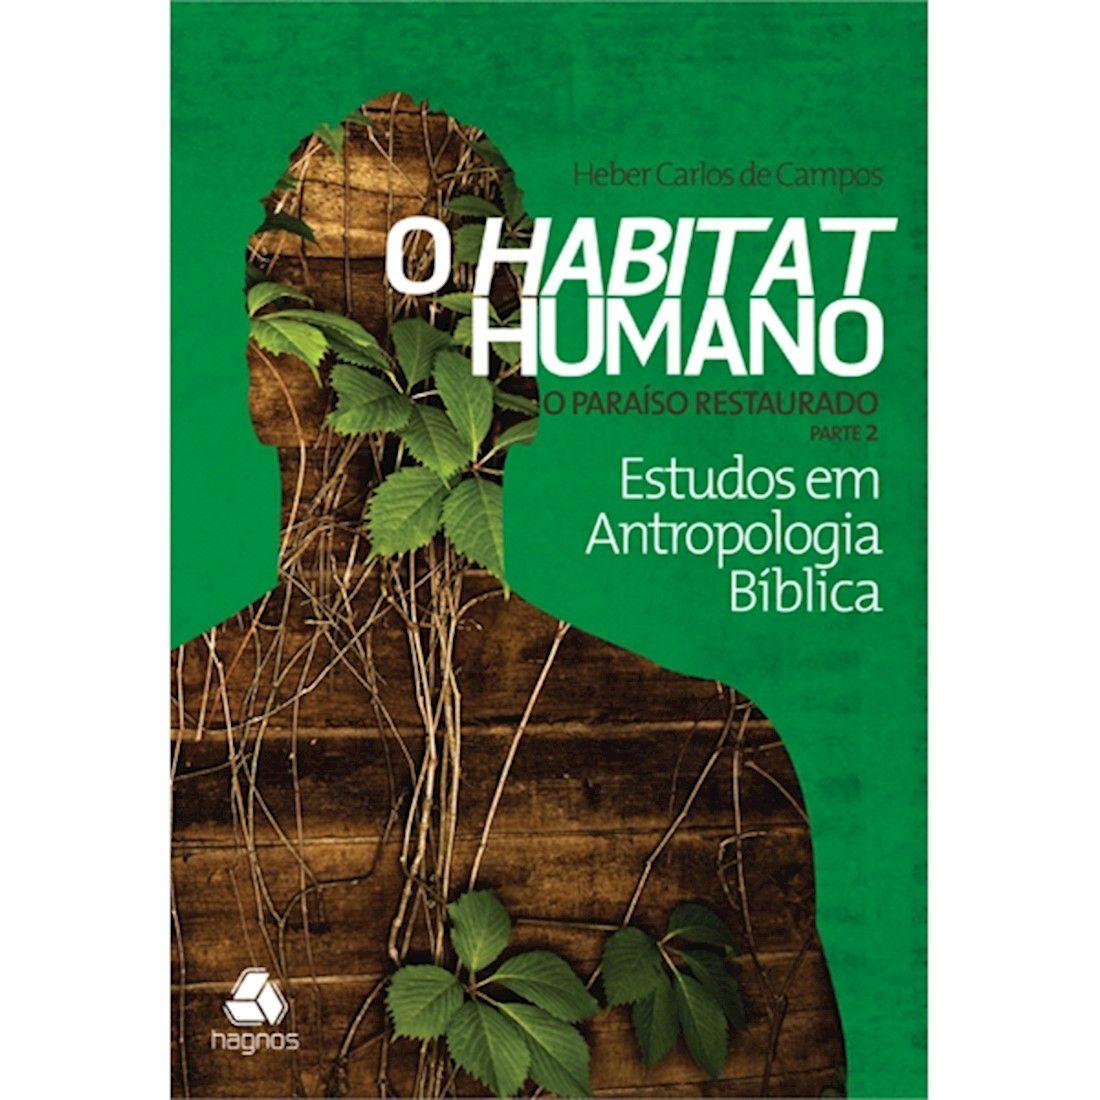 Livro O Habitat Humano - O Paraíso Restaurado Vol. 4 - Parte 2